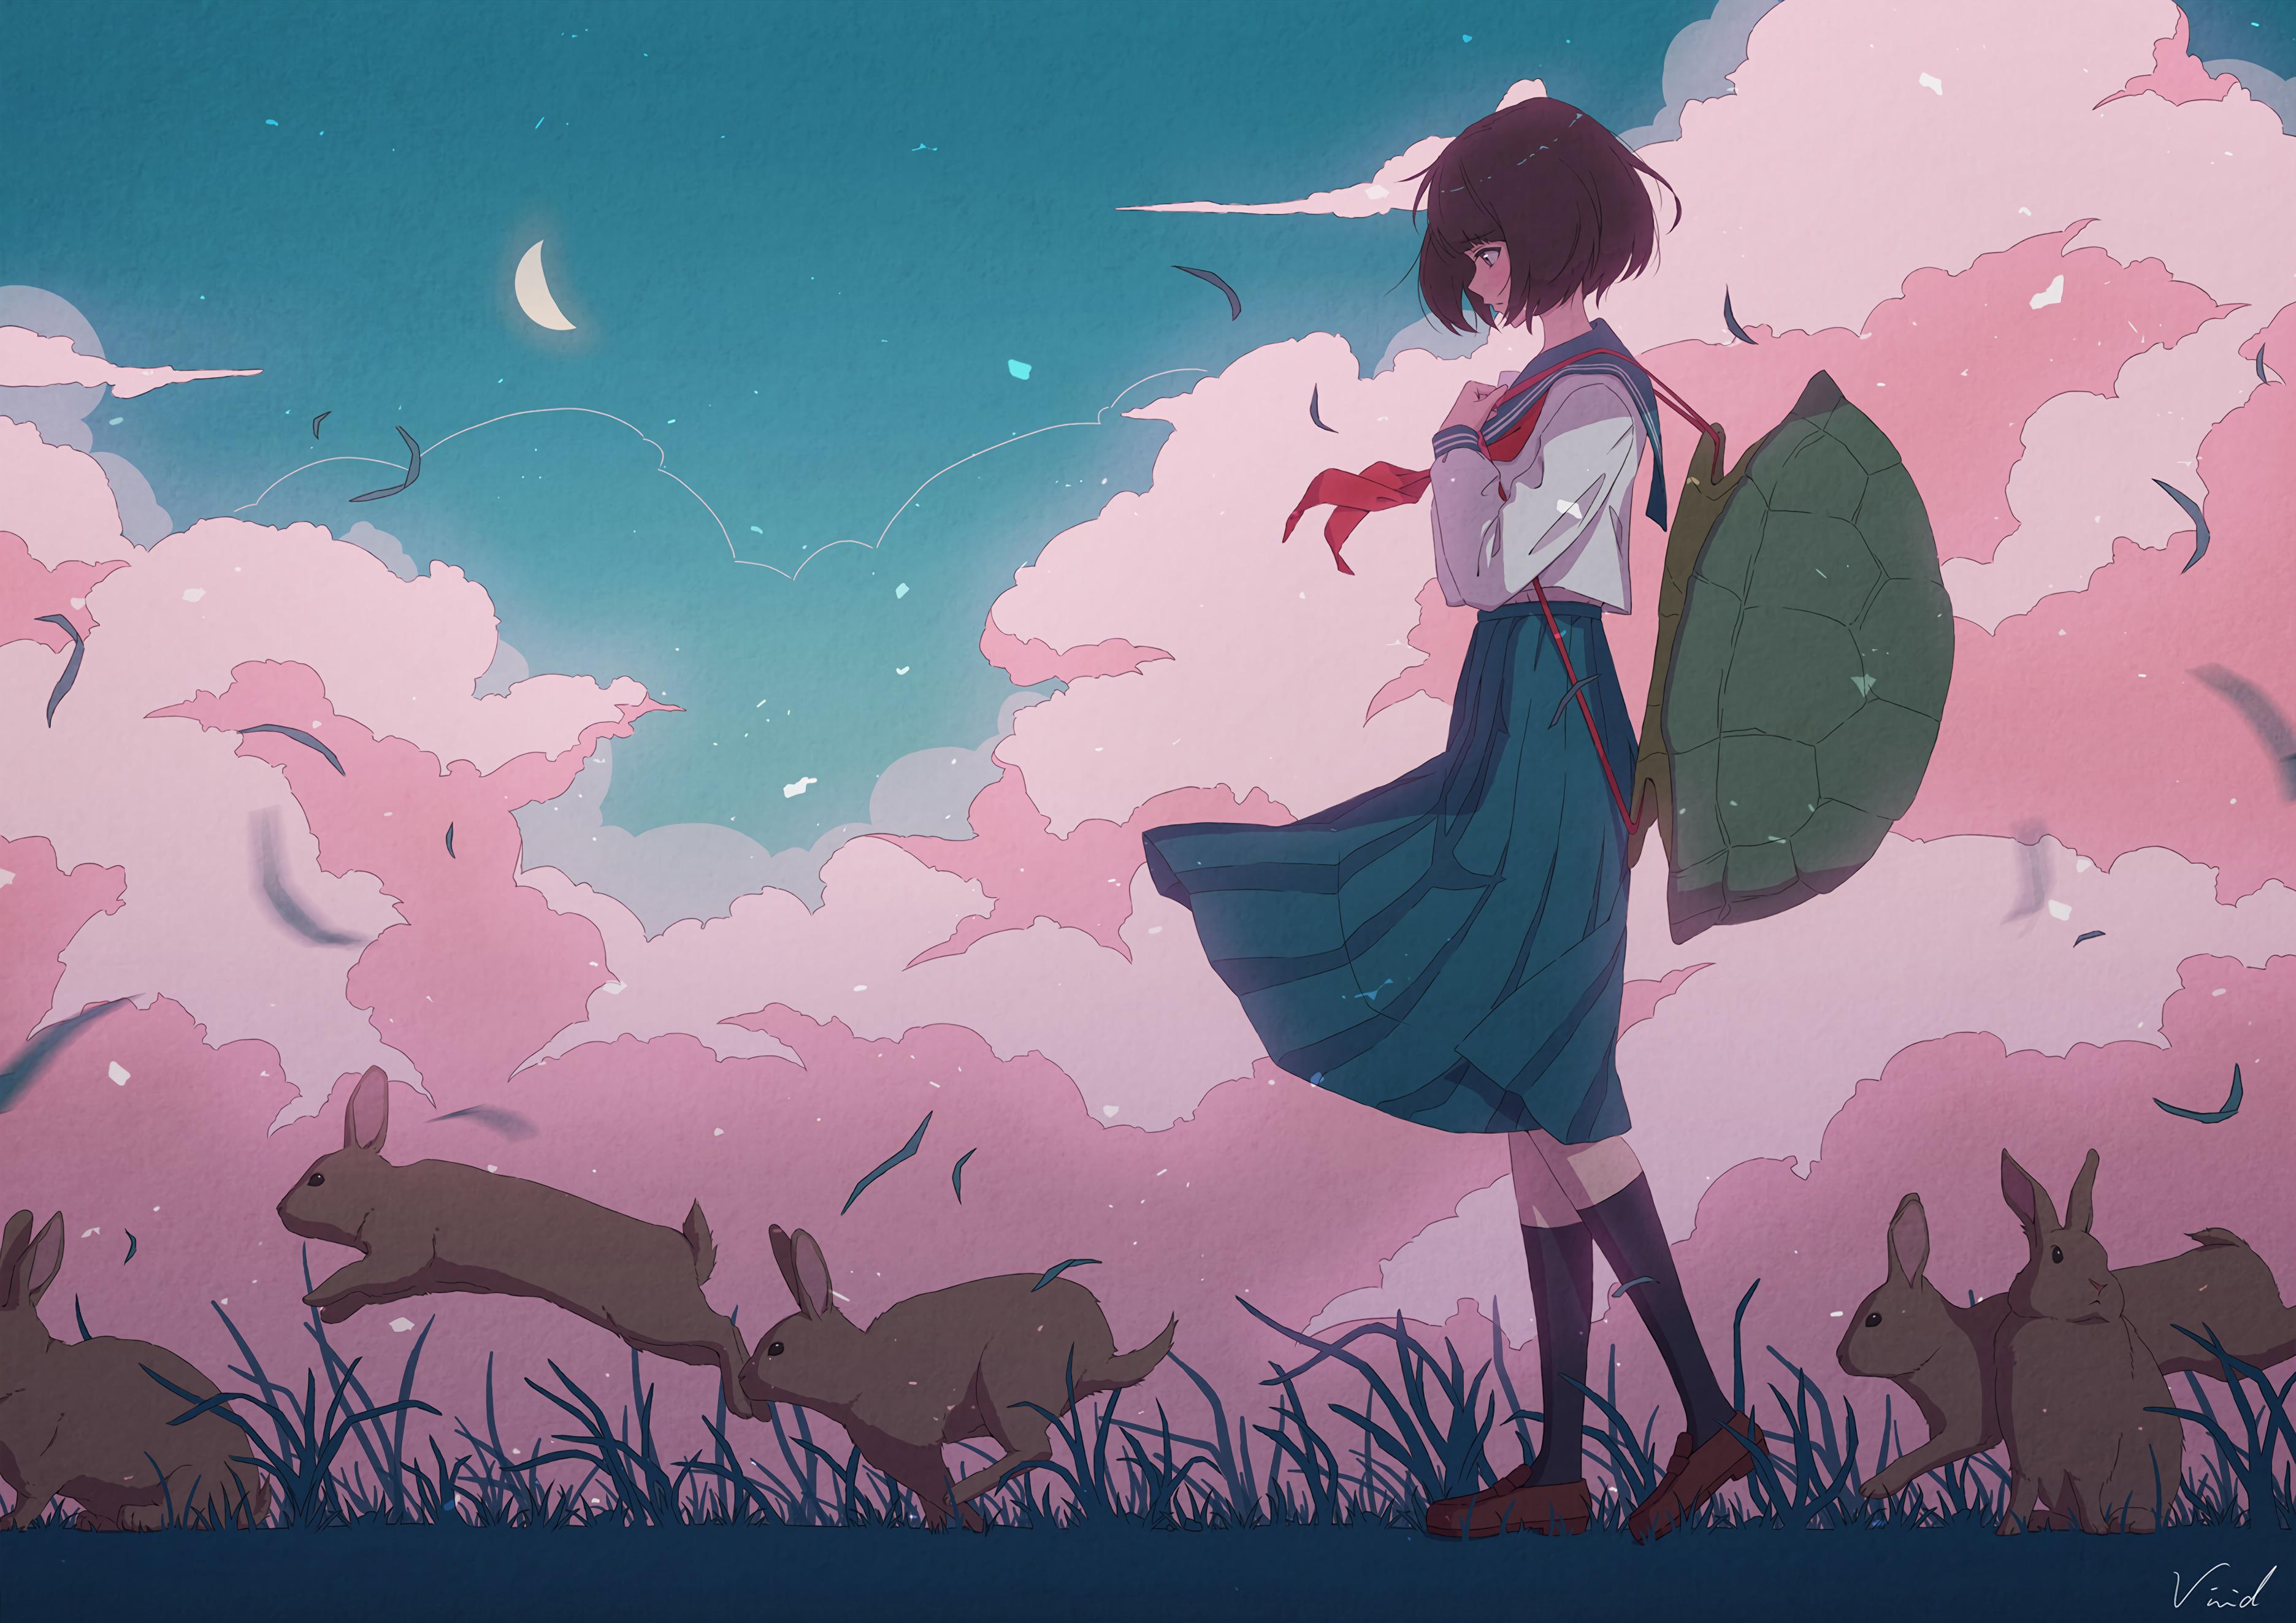 98702 Hintergrundbild herunterladen Mädchen, Anime, Panzer, Muschel, Hase - Bildschirmschoner und Bilder kostenlos